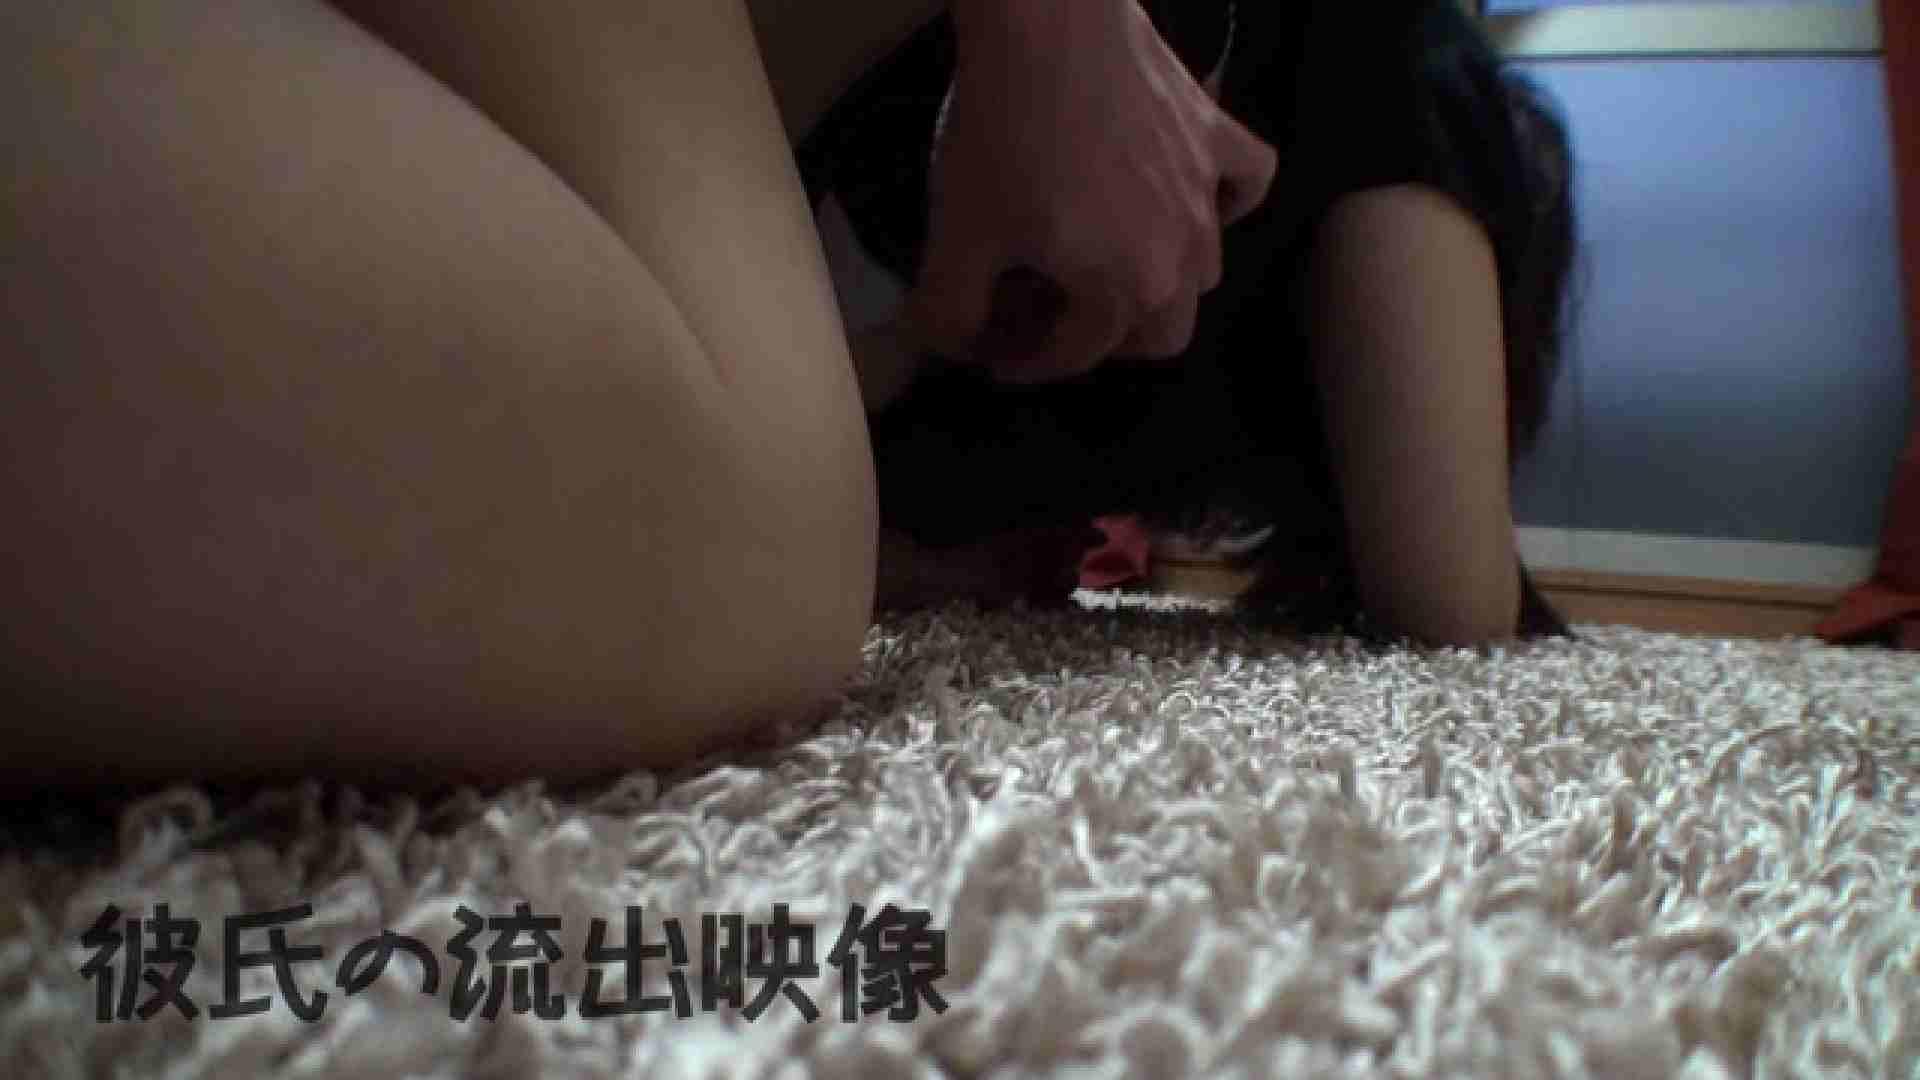 彼氏が流出 パイパン素人嬢のハメ撮り映像 パイパンギャル | 一般投稿  68画像 44